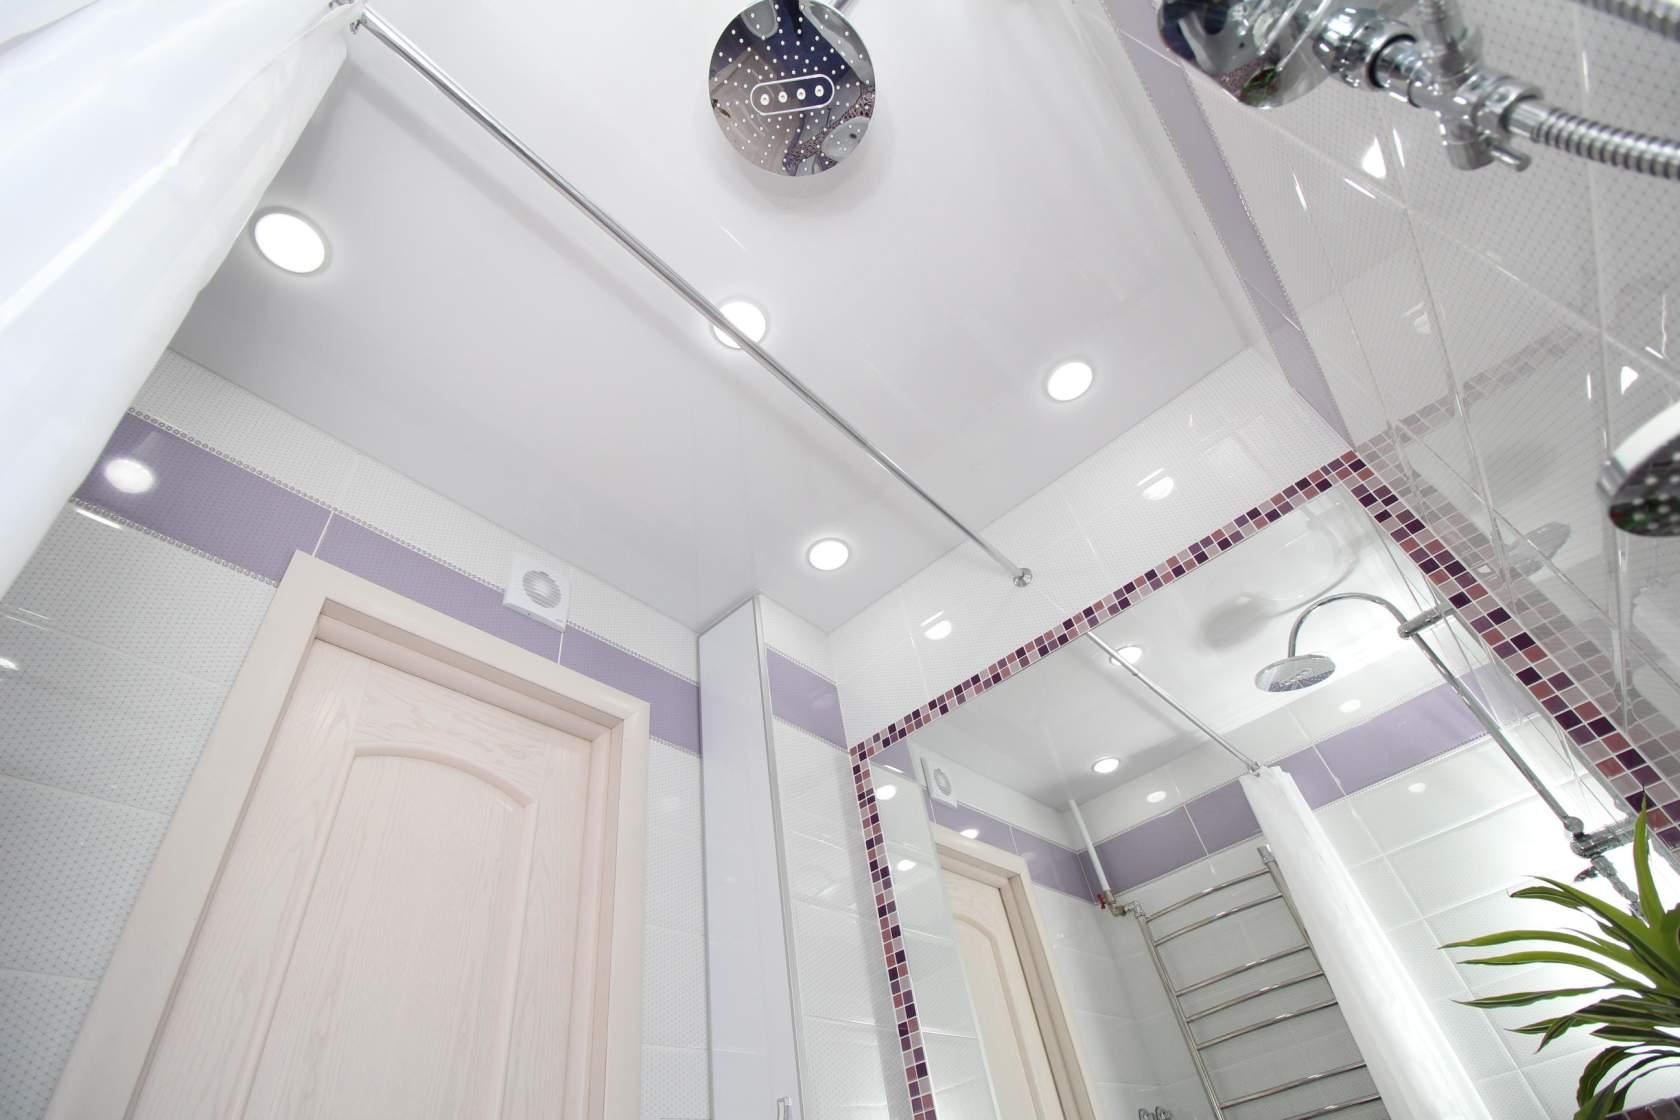 Design de salle de bain violet: exemples de photos réelles et idées de design